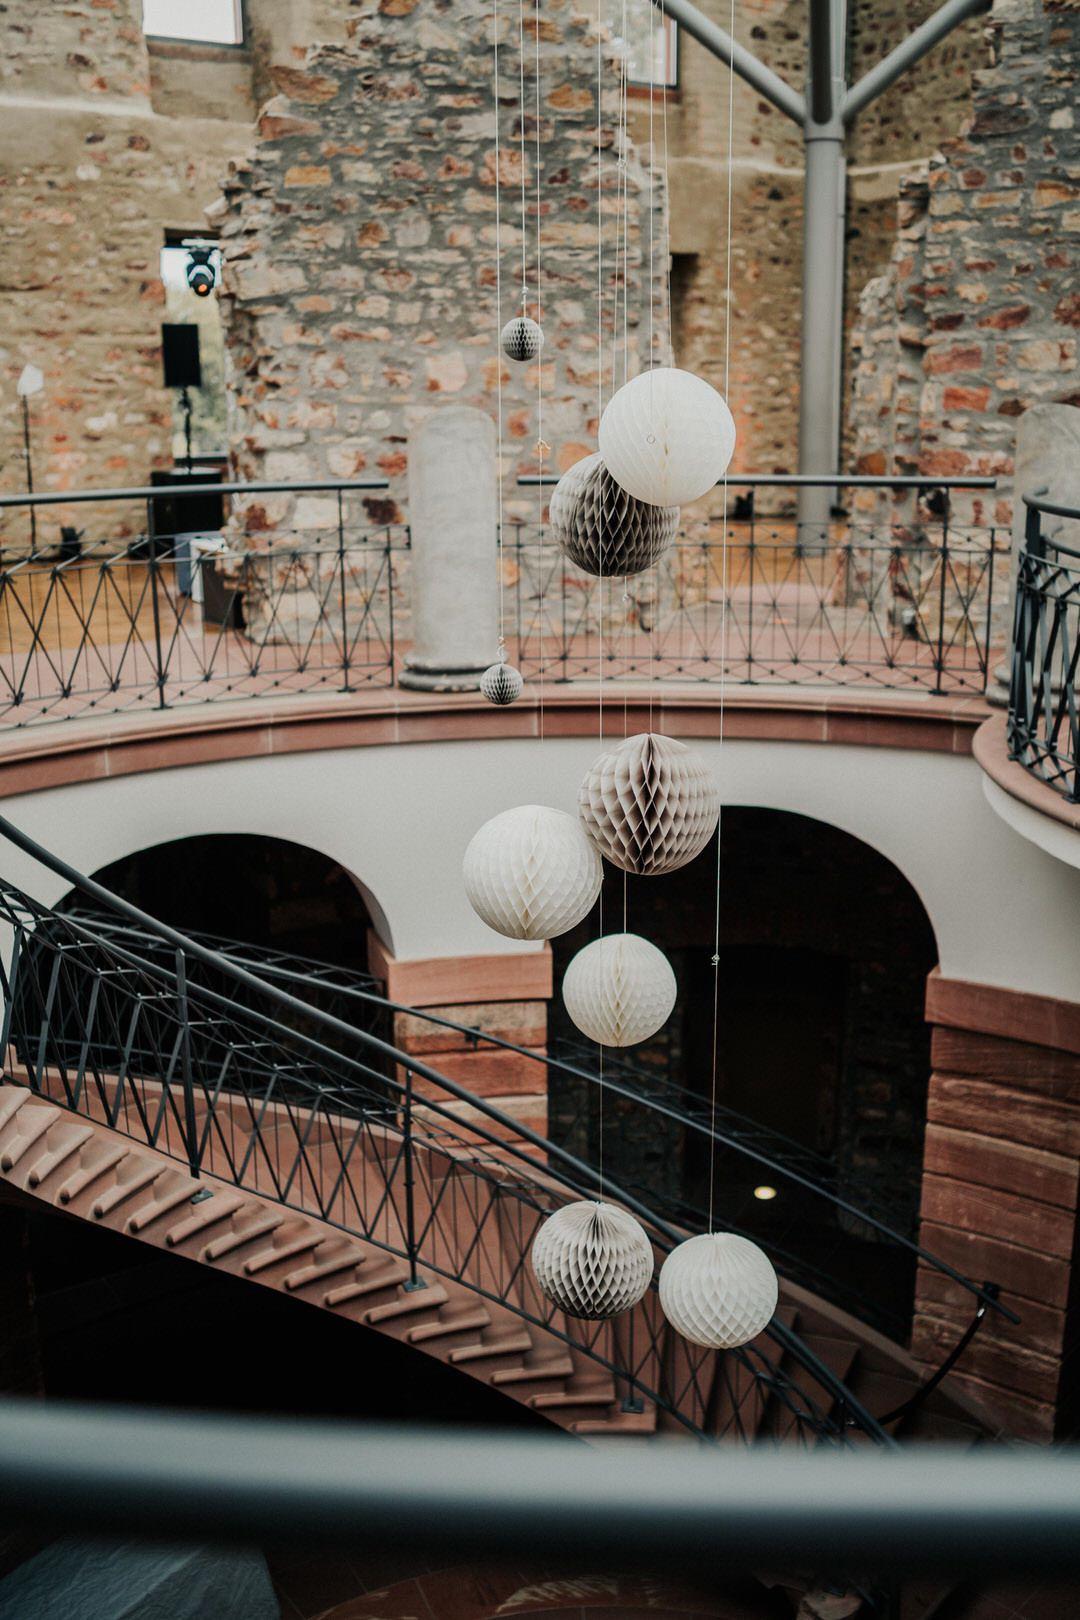 Vintage Hochzeitslocation in Wiesbaden und Umgebung. Besonderes Ambiente des Jagdschloss Platte für Vintag-Hochzeiten und Feiern im Rustic Chic-Stil